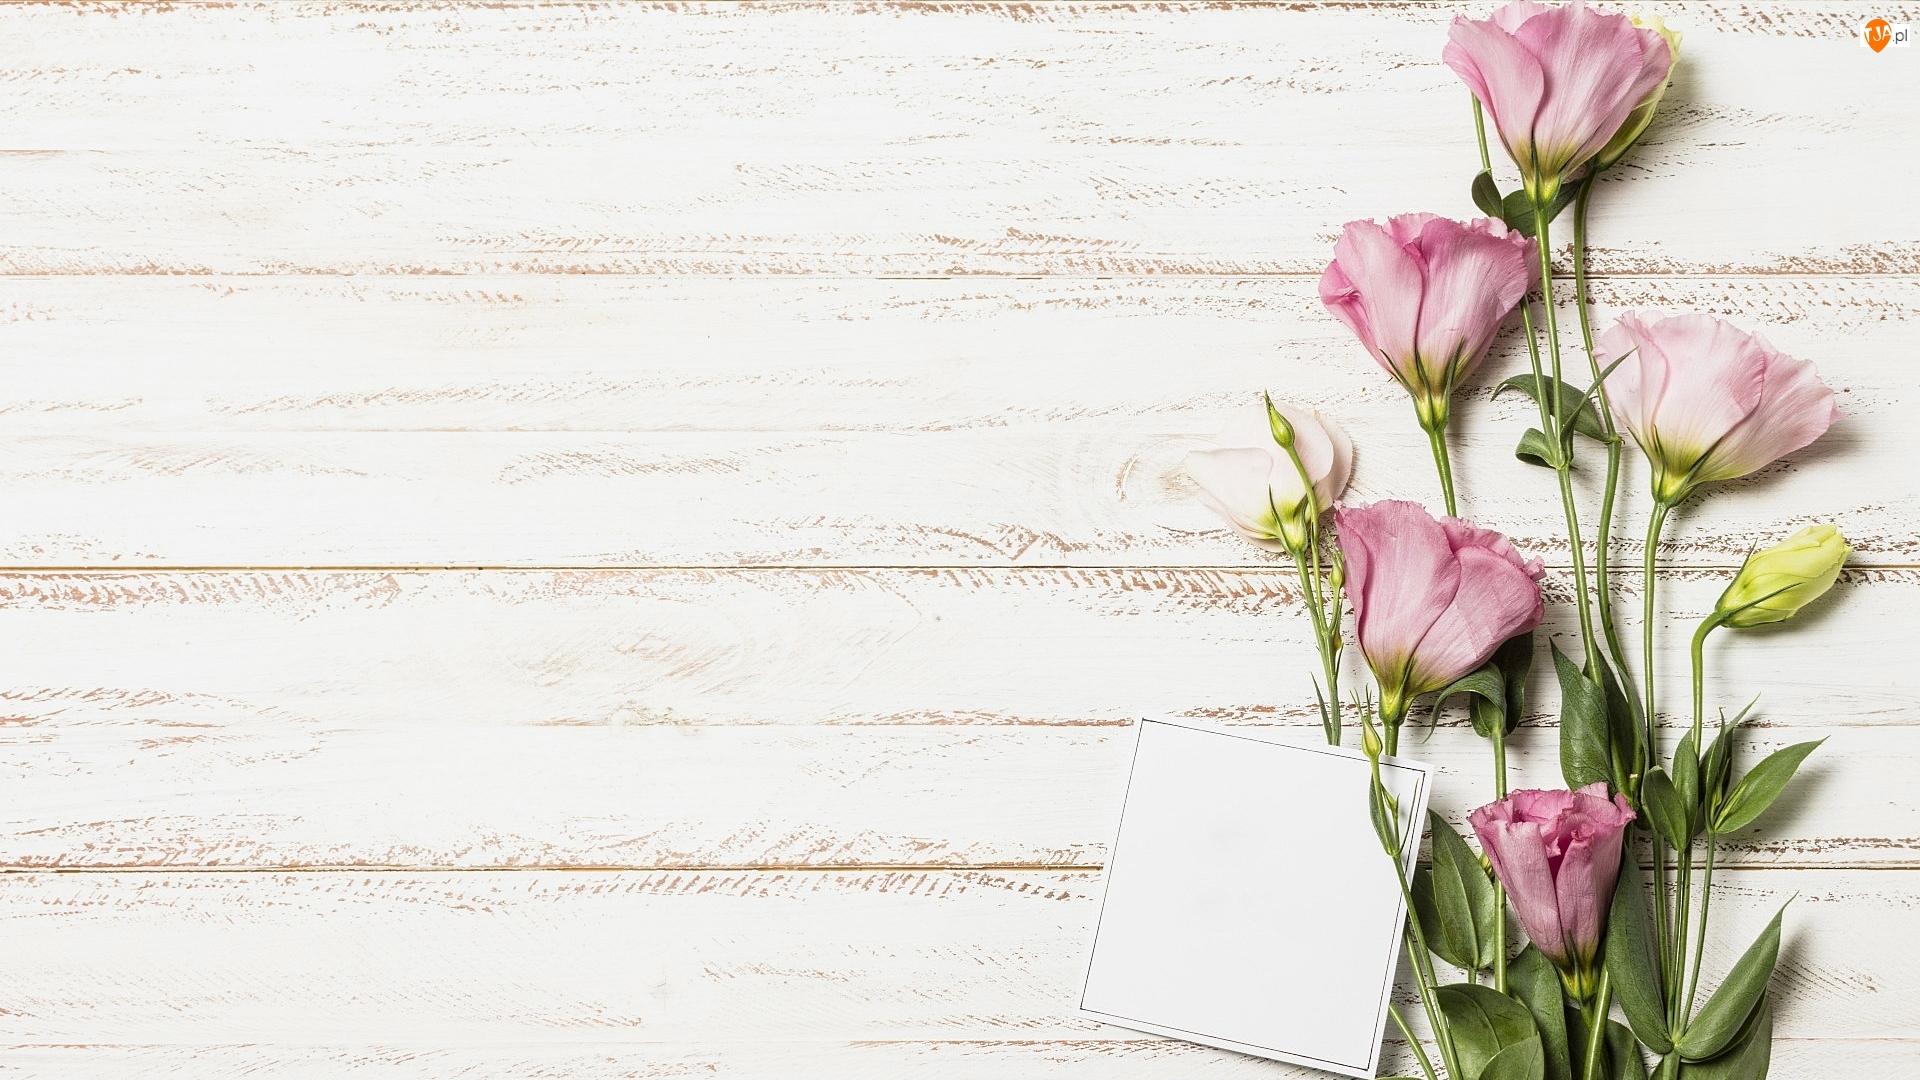 Kartka, Deski, Eustoma, Kwiaty, Obdrapane